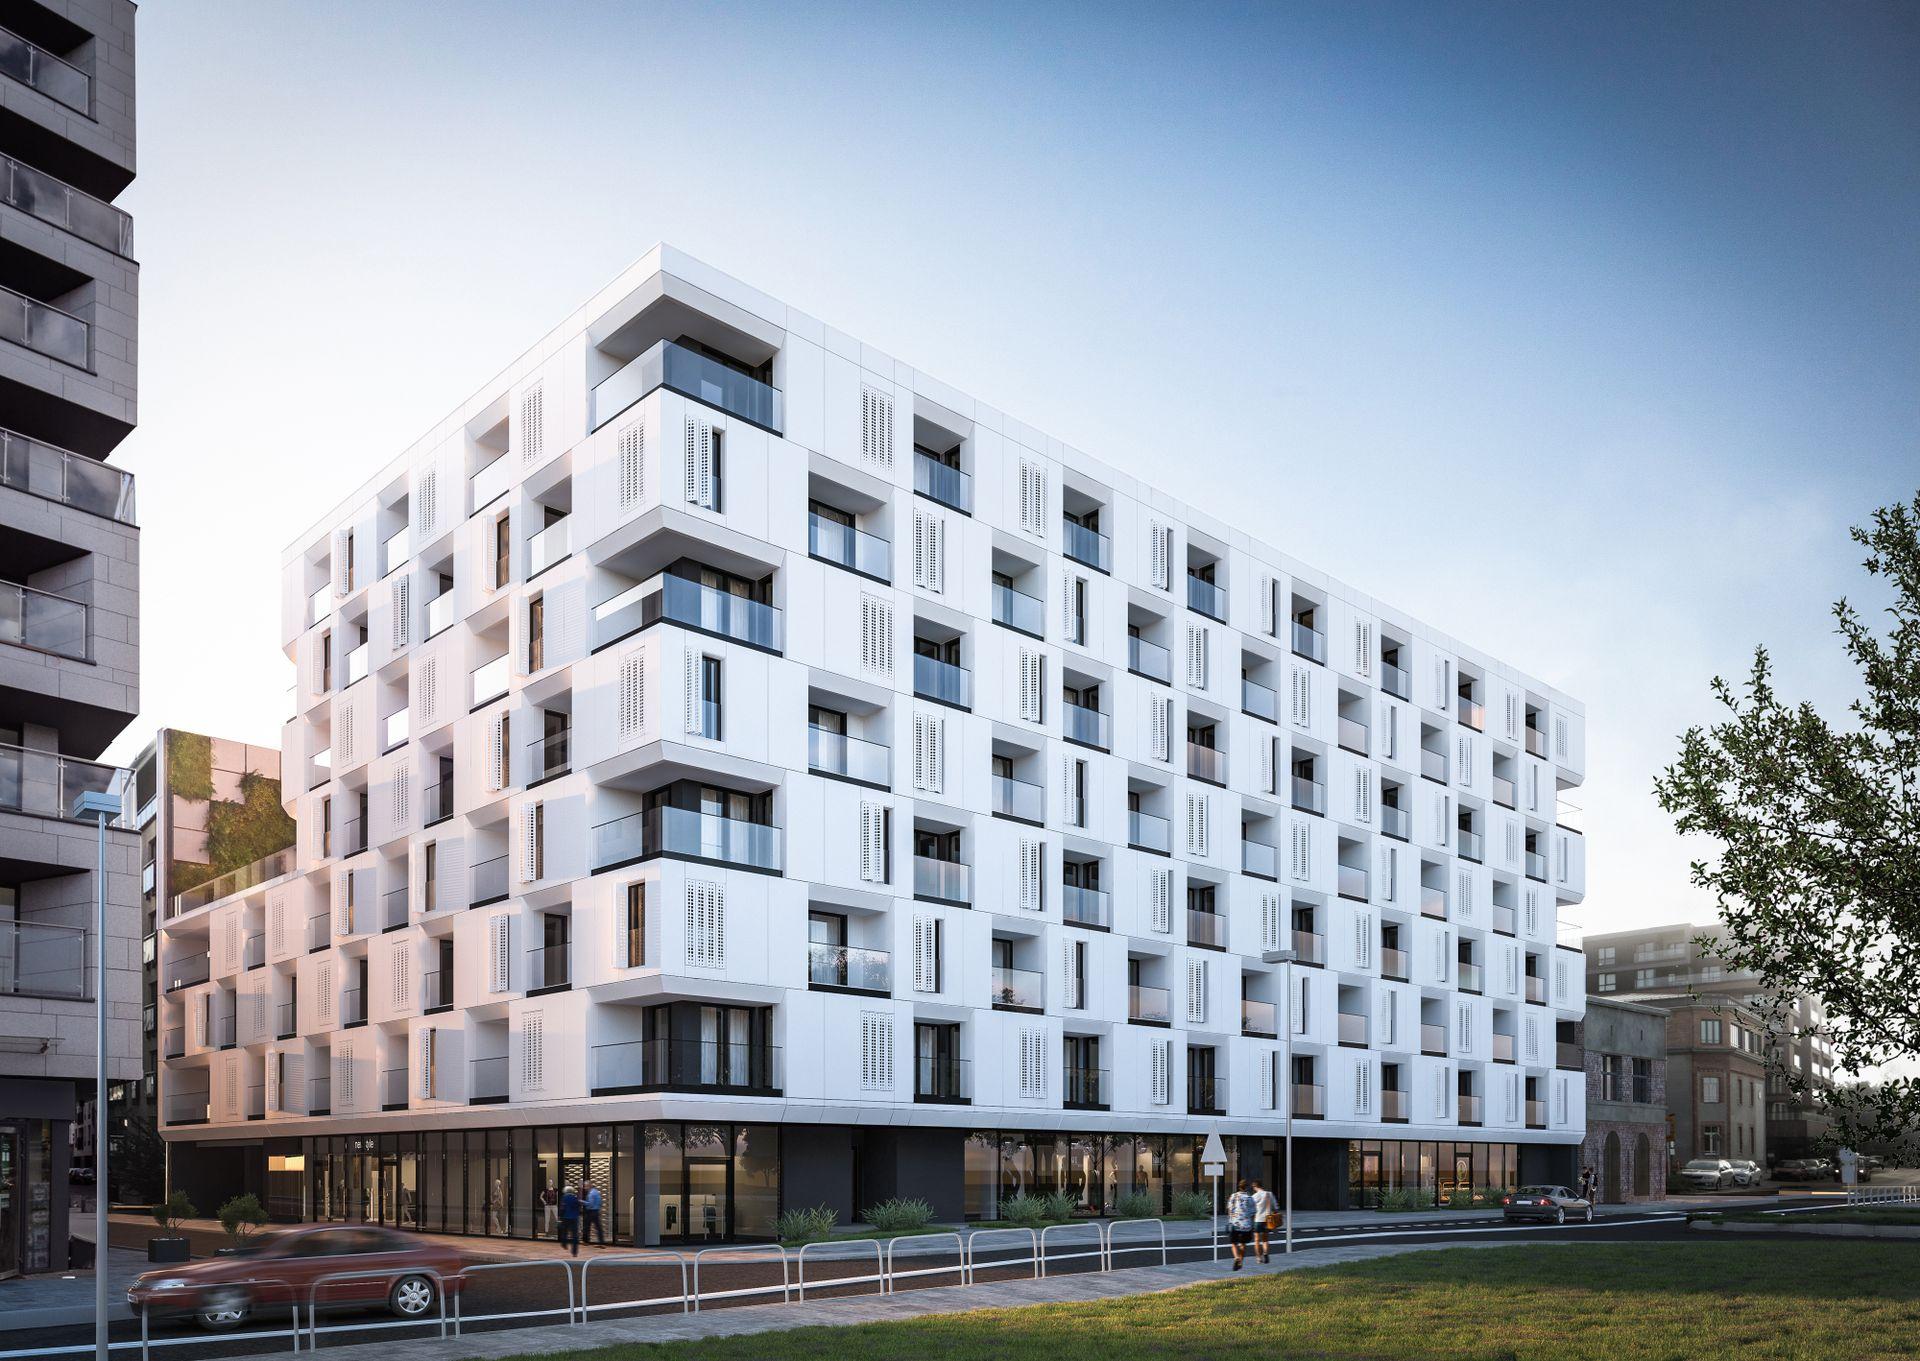 W Krakowie powstaje budynek wielorodzinny Zabłocie Concept House II